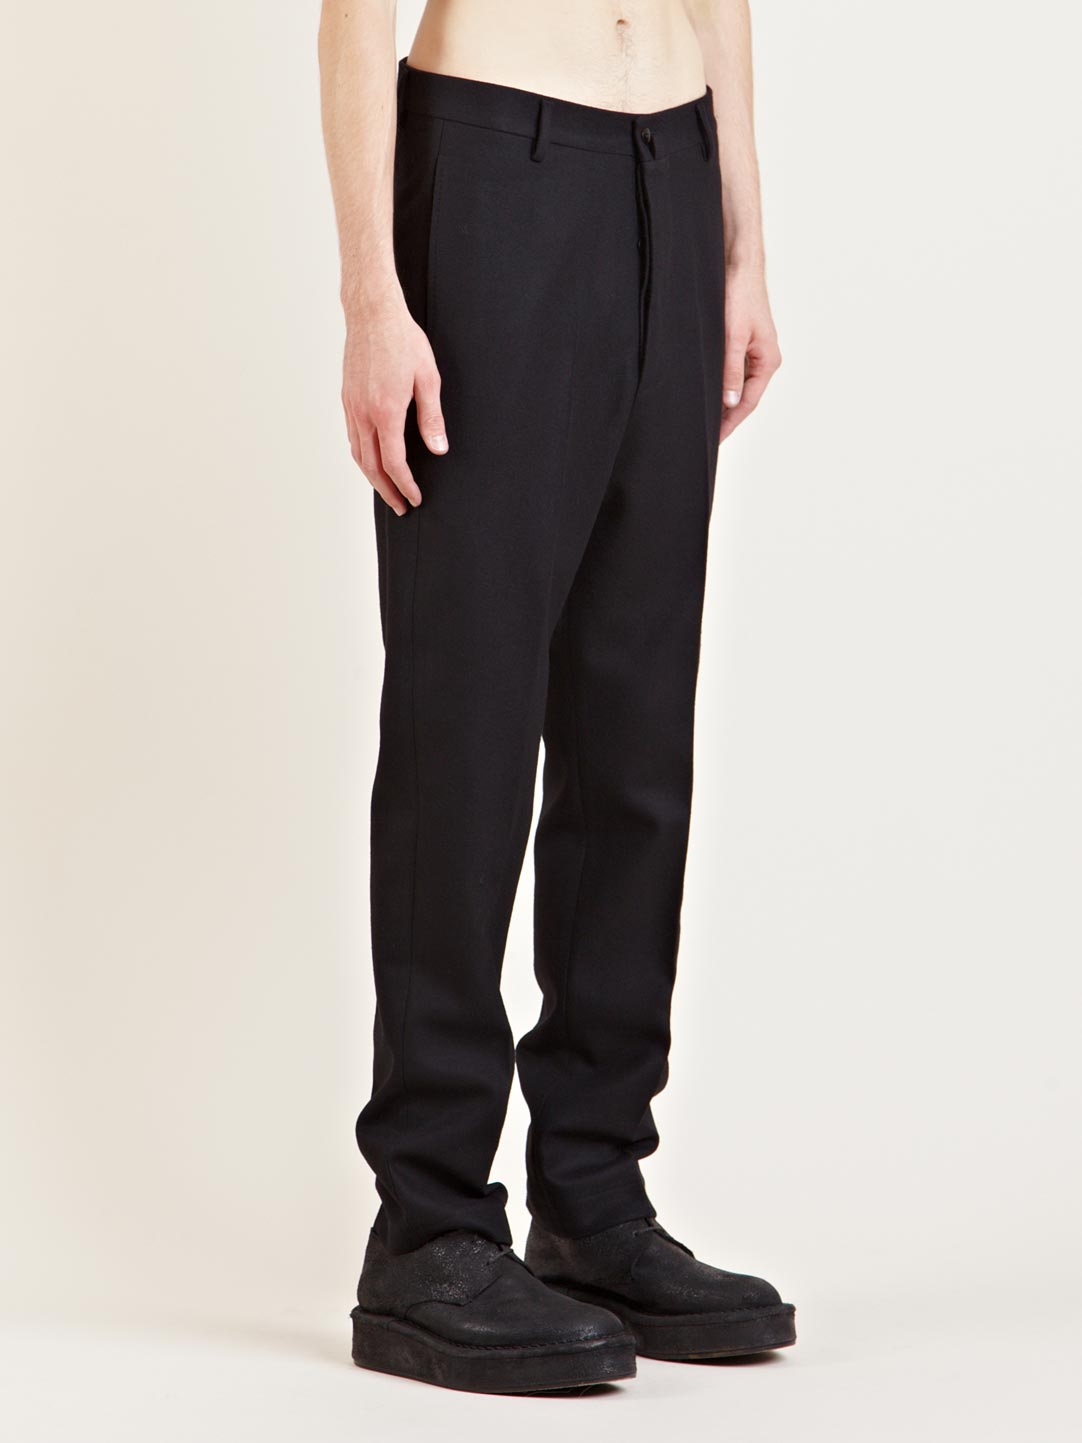 Free shipping and returns on Men's Wool & Wool Blend Pants at coolzloadwok.ga